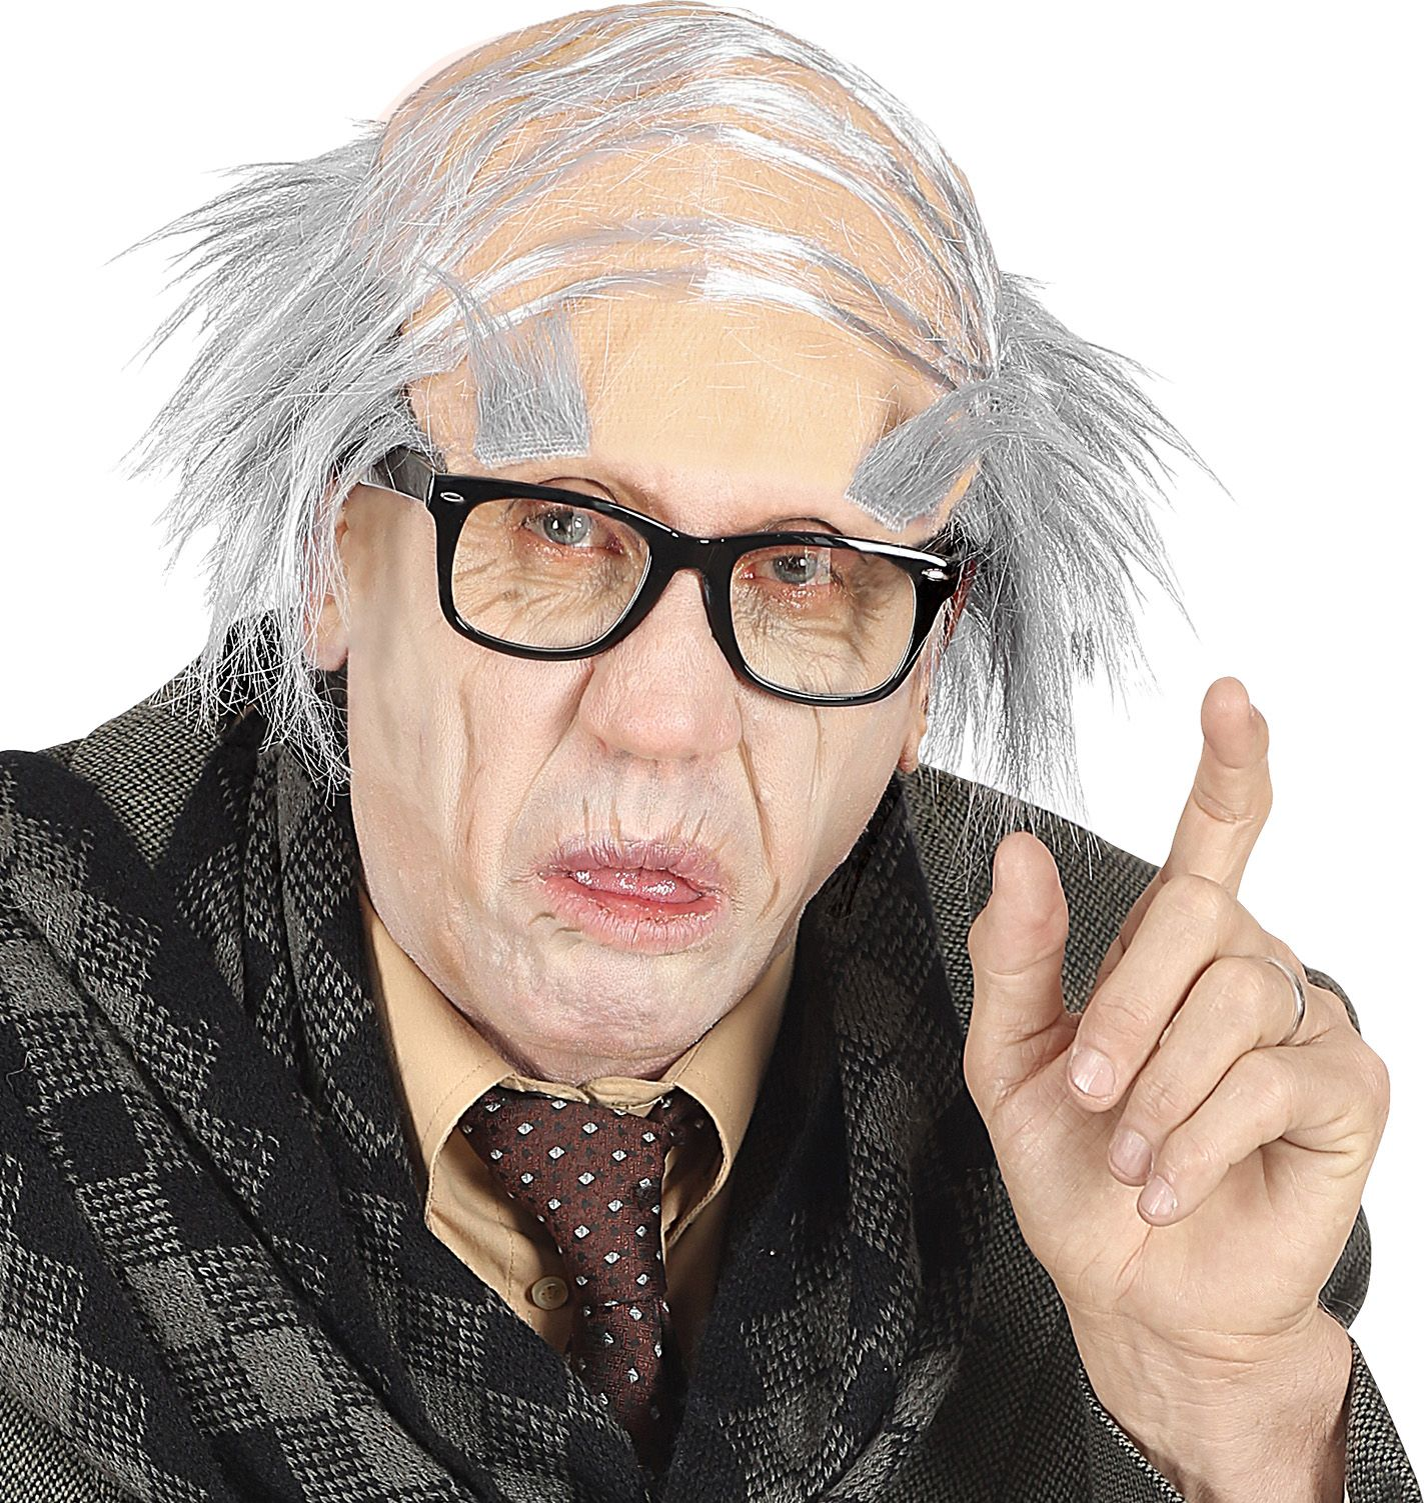 Hoofddeksel grijze haren opa